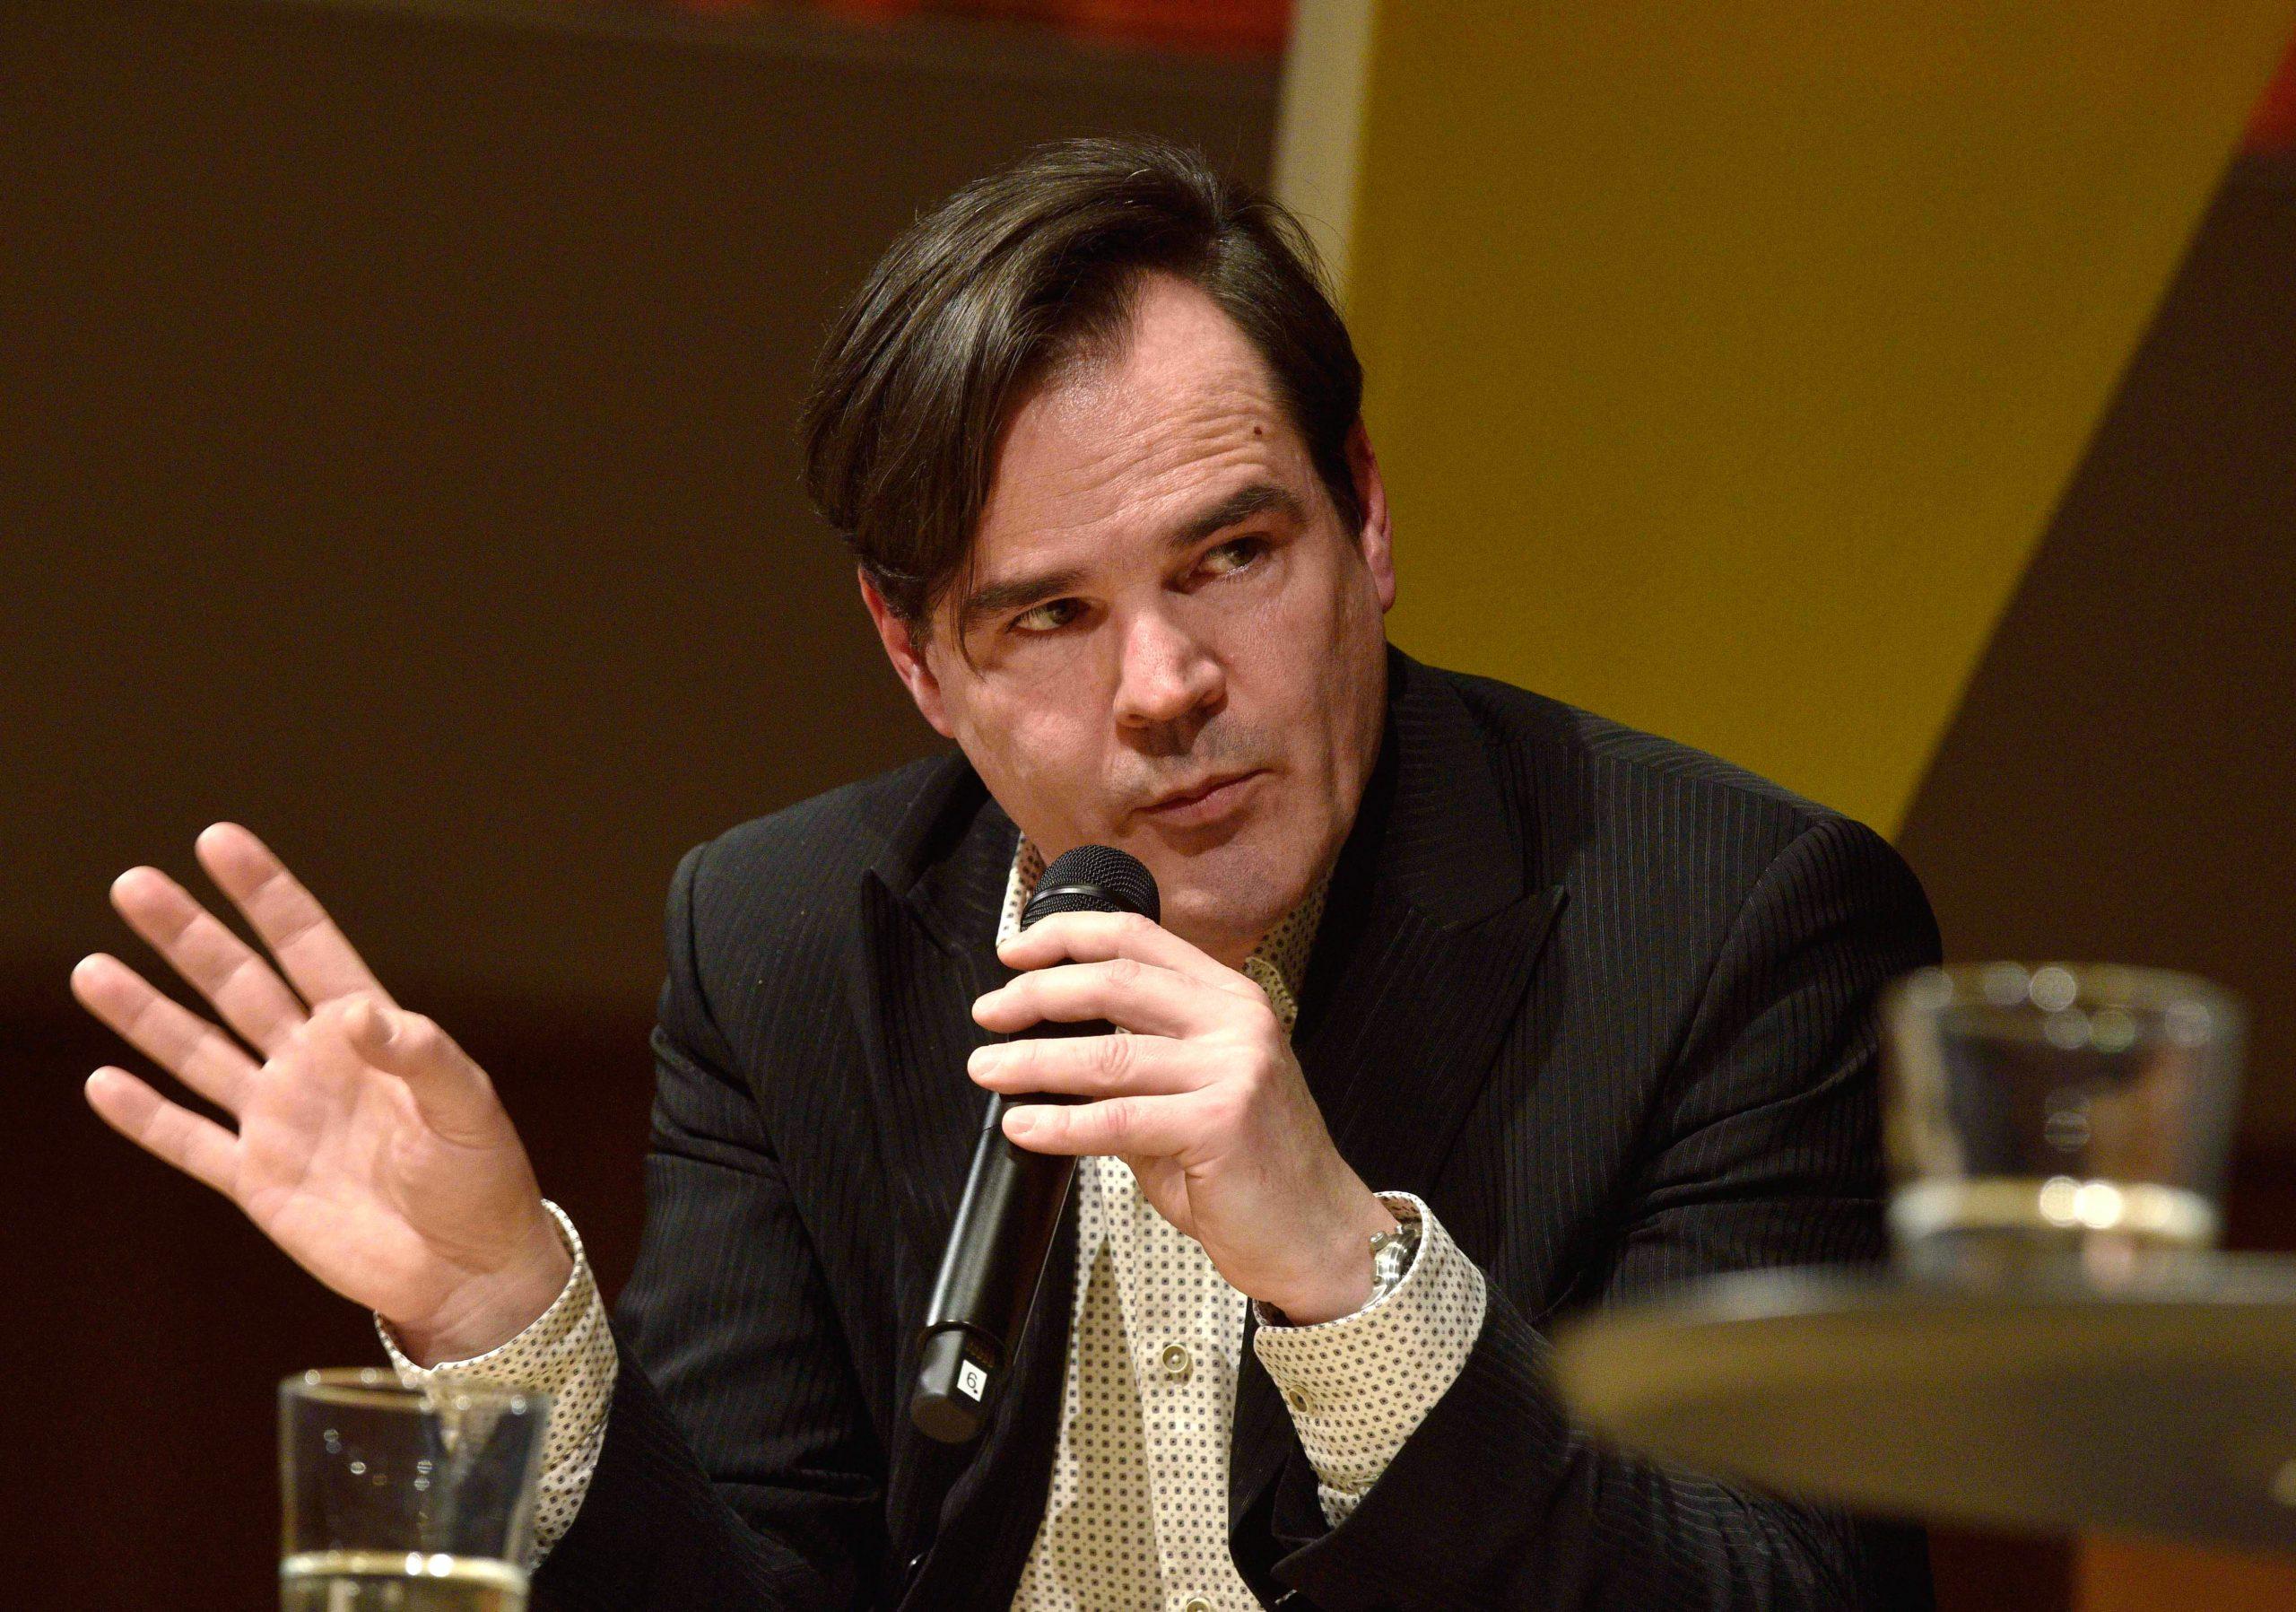 Der Schriftsteller Uwe Tellkamp während einer Diskussionsveranstaltung (Archivbild) Foto: (c) dpa